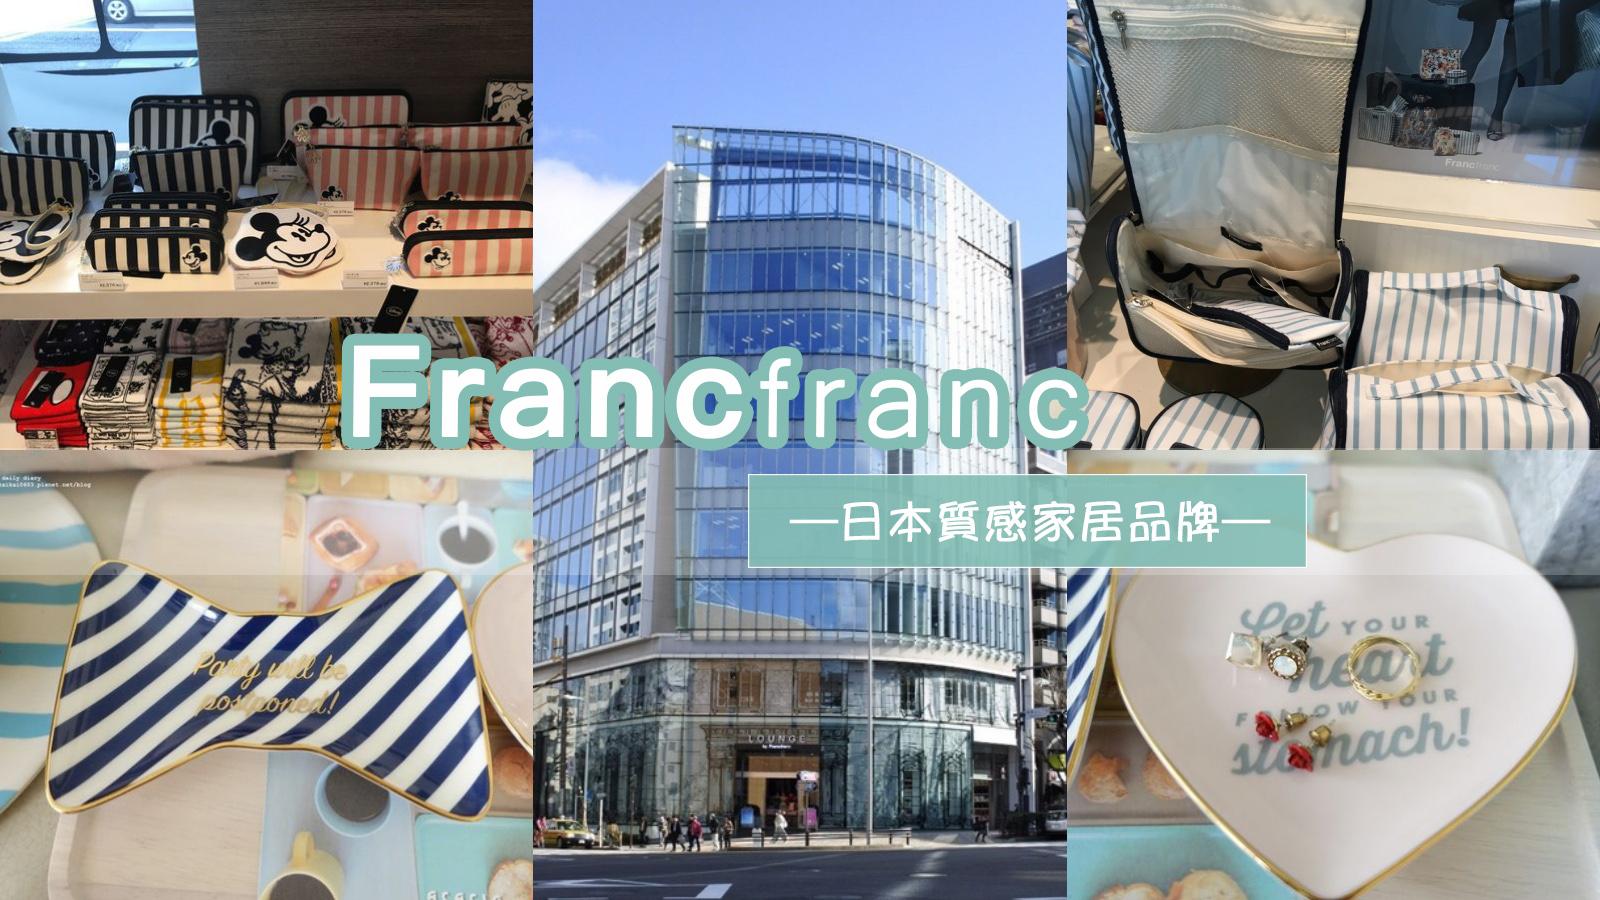 今日熱門文章:【日本】低價位、高質感的居家雜貨天堂:Francfranc南青山旗艦店